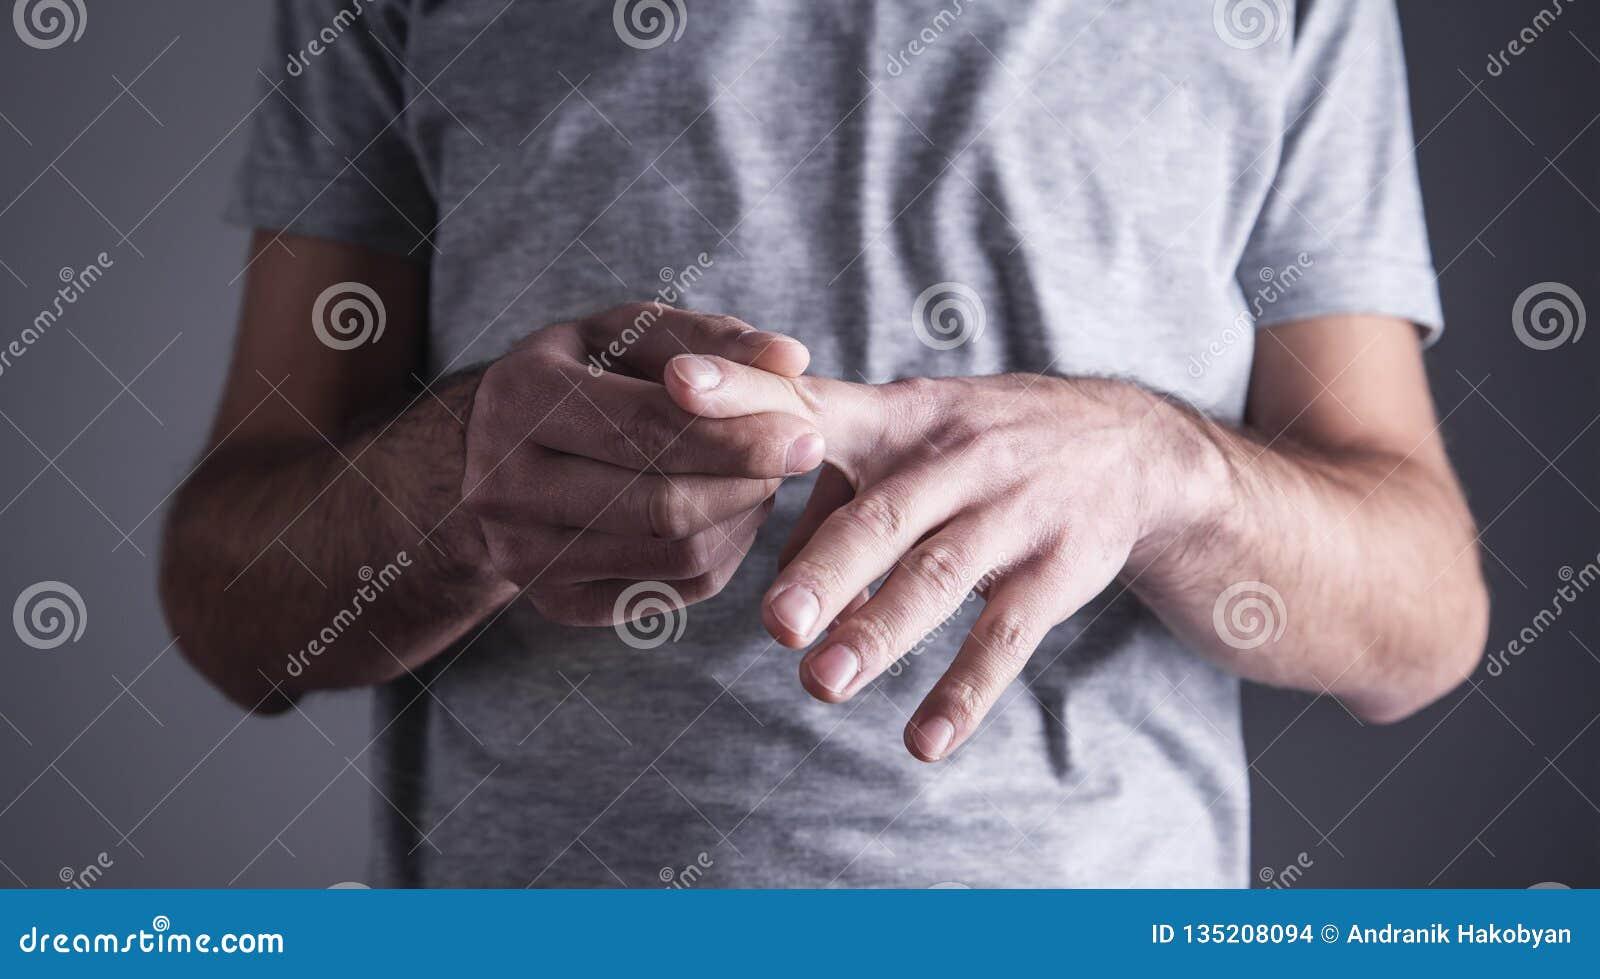 Homme caucasien avec le mal de doigt Arthrite, douleur de poignet